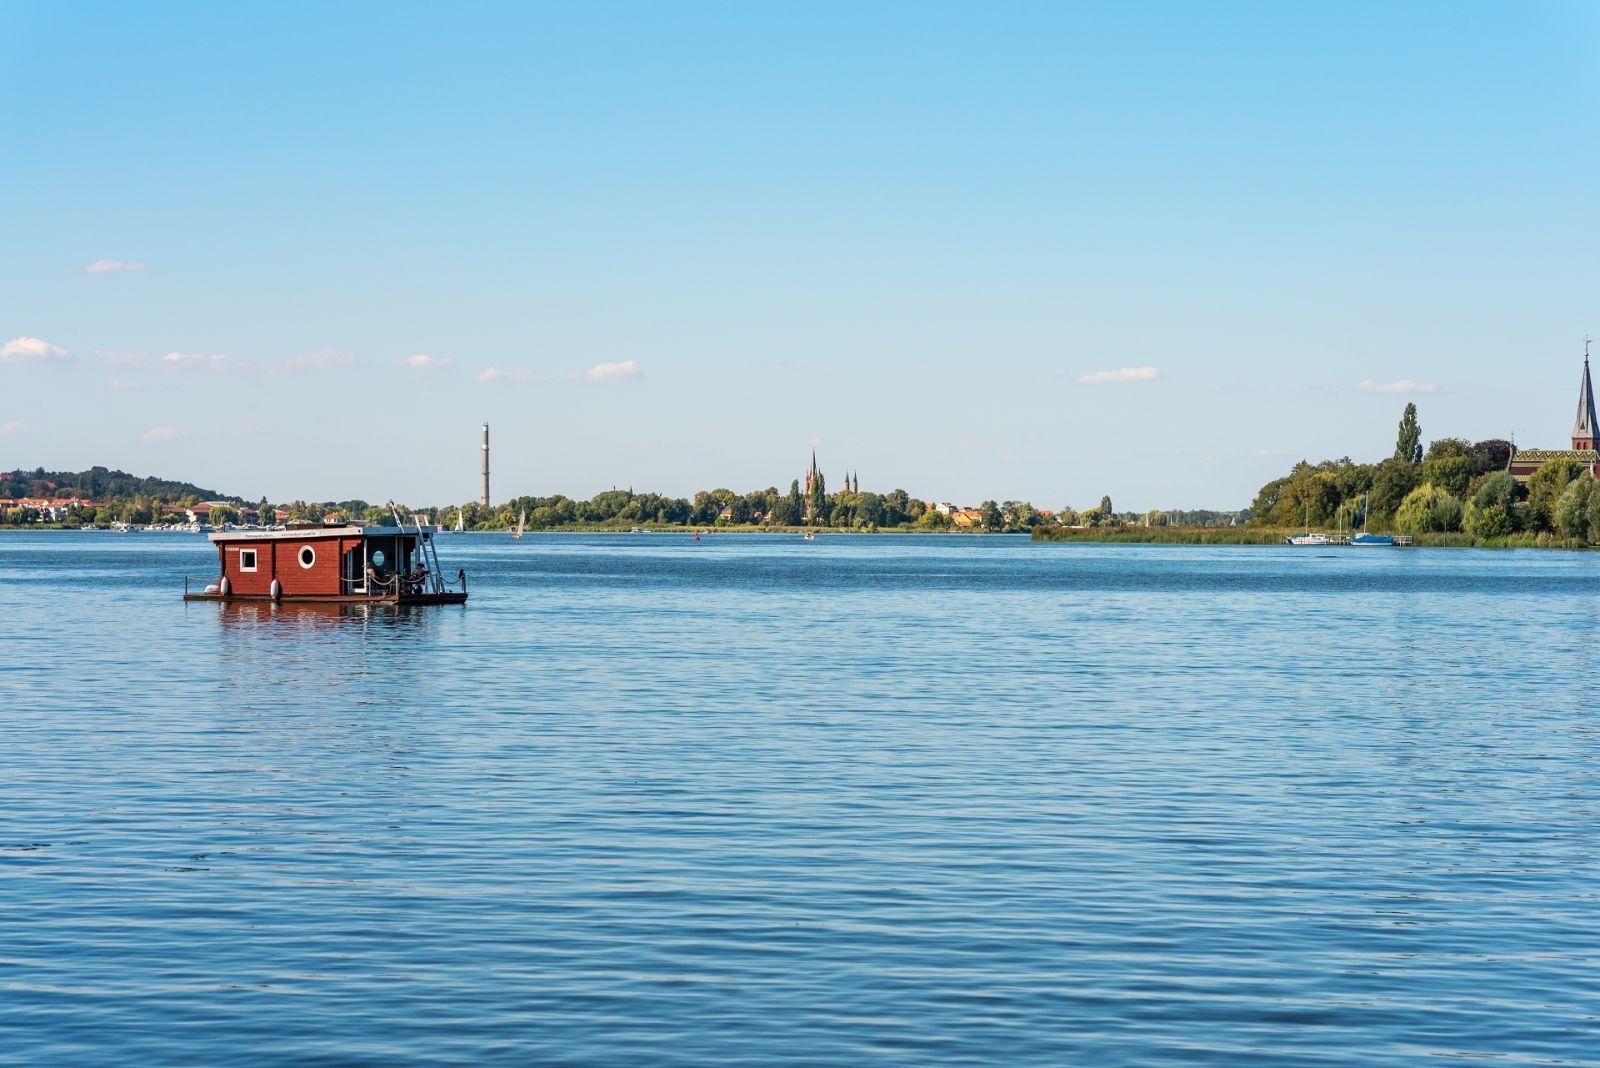 Bungalowboote sind schwimmende Ferienwohnungen mit ähnlicher Ausstattung. ©ksl/AdobeStock